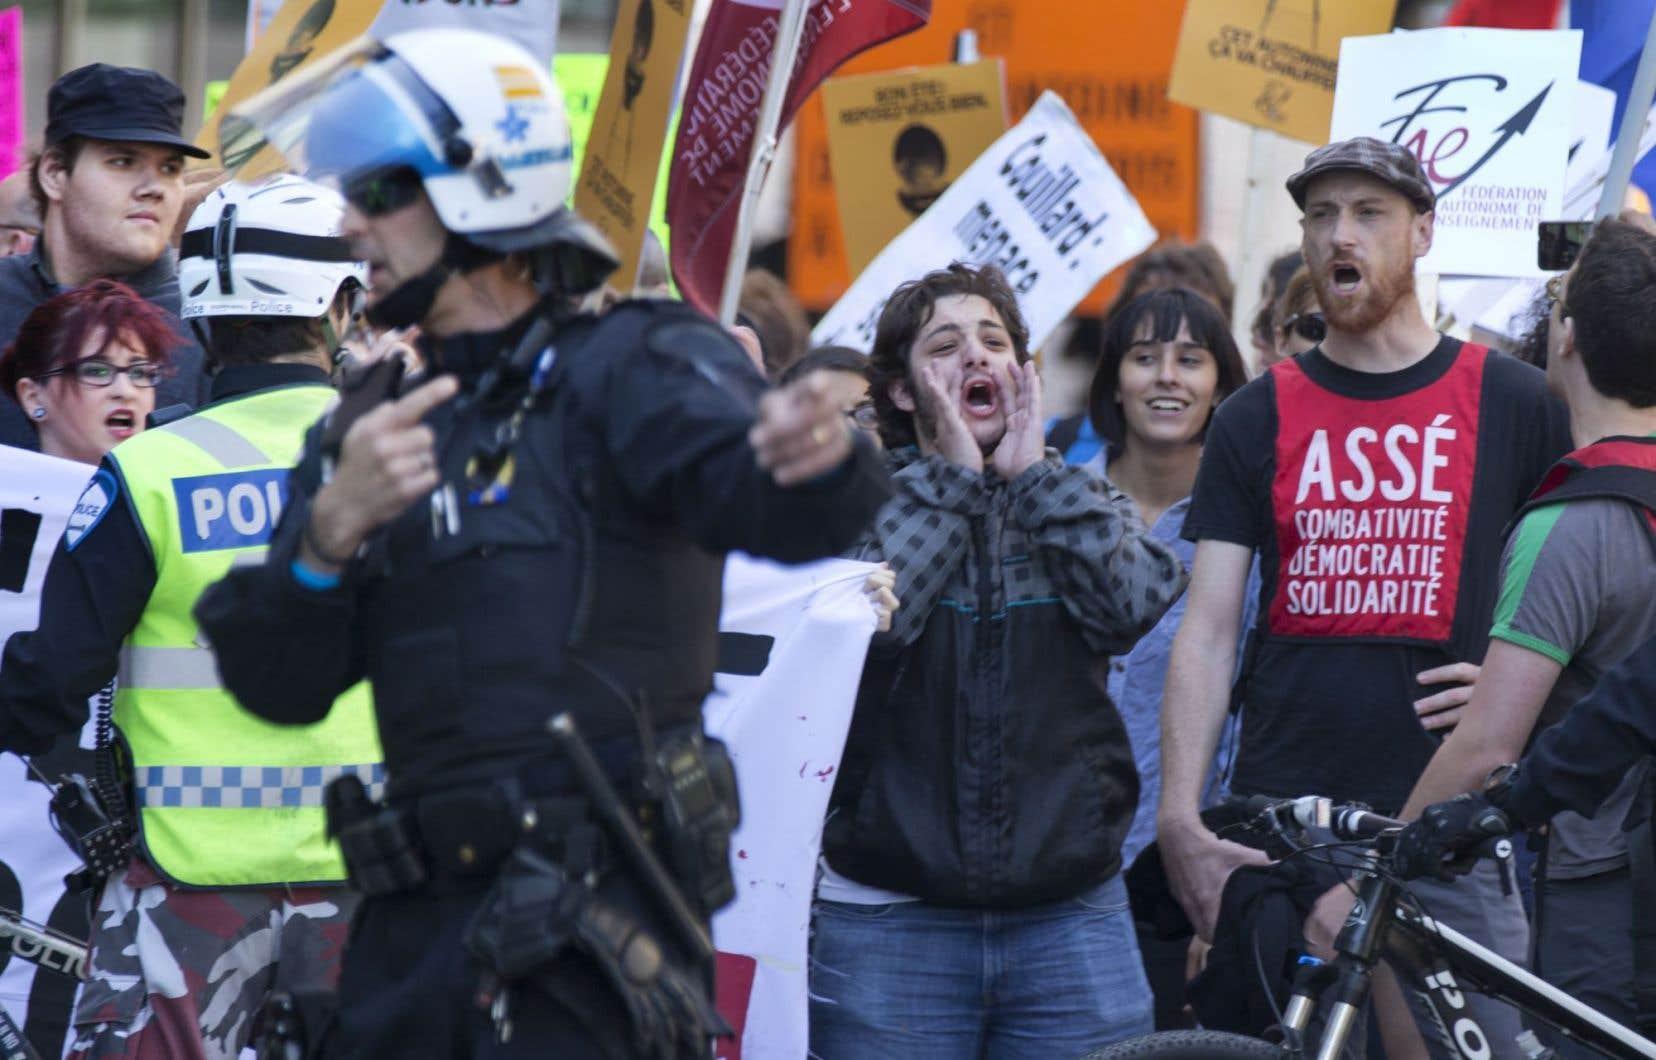 La manifestation s'est déroulée sur la place Jean-Paul-Riopelle, face au Palais des congrès, sous forte présence policière.